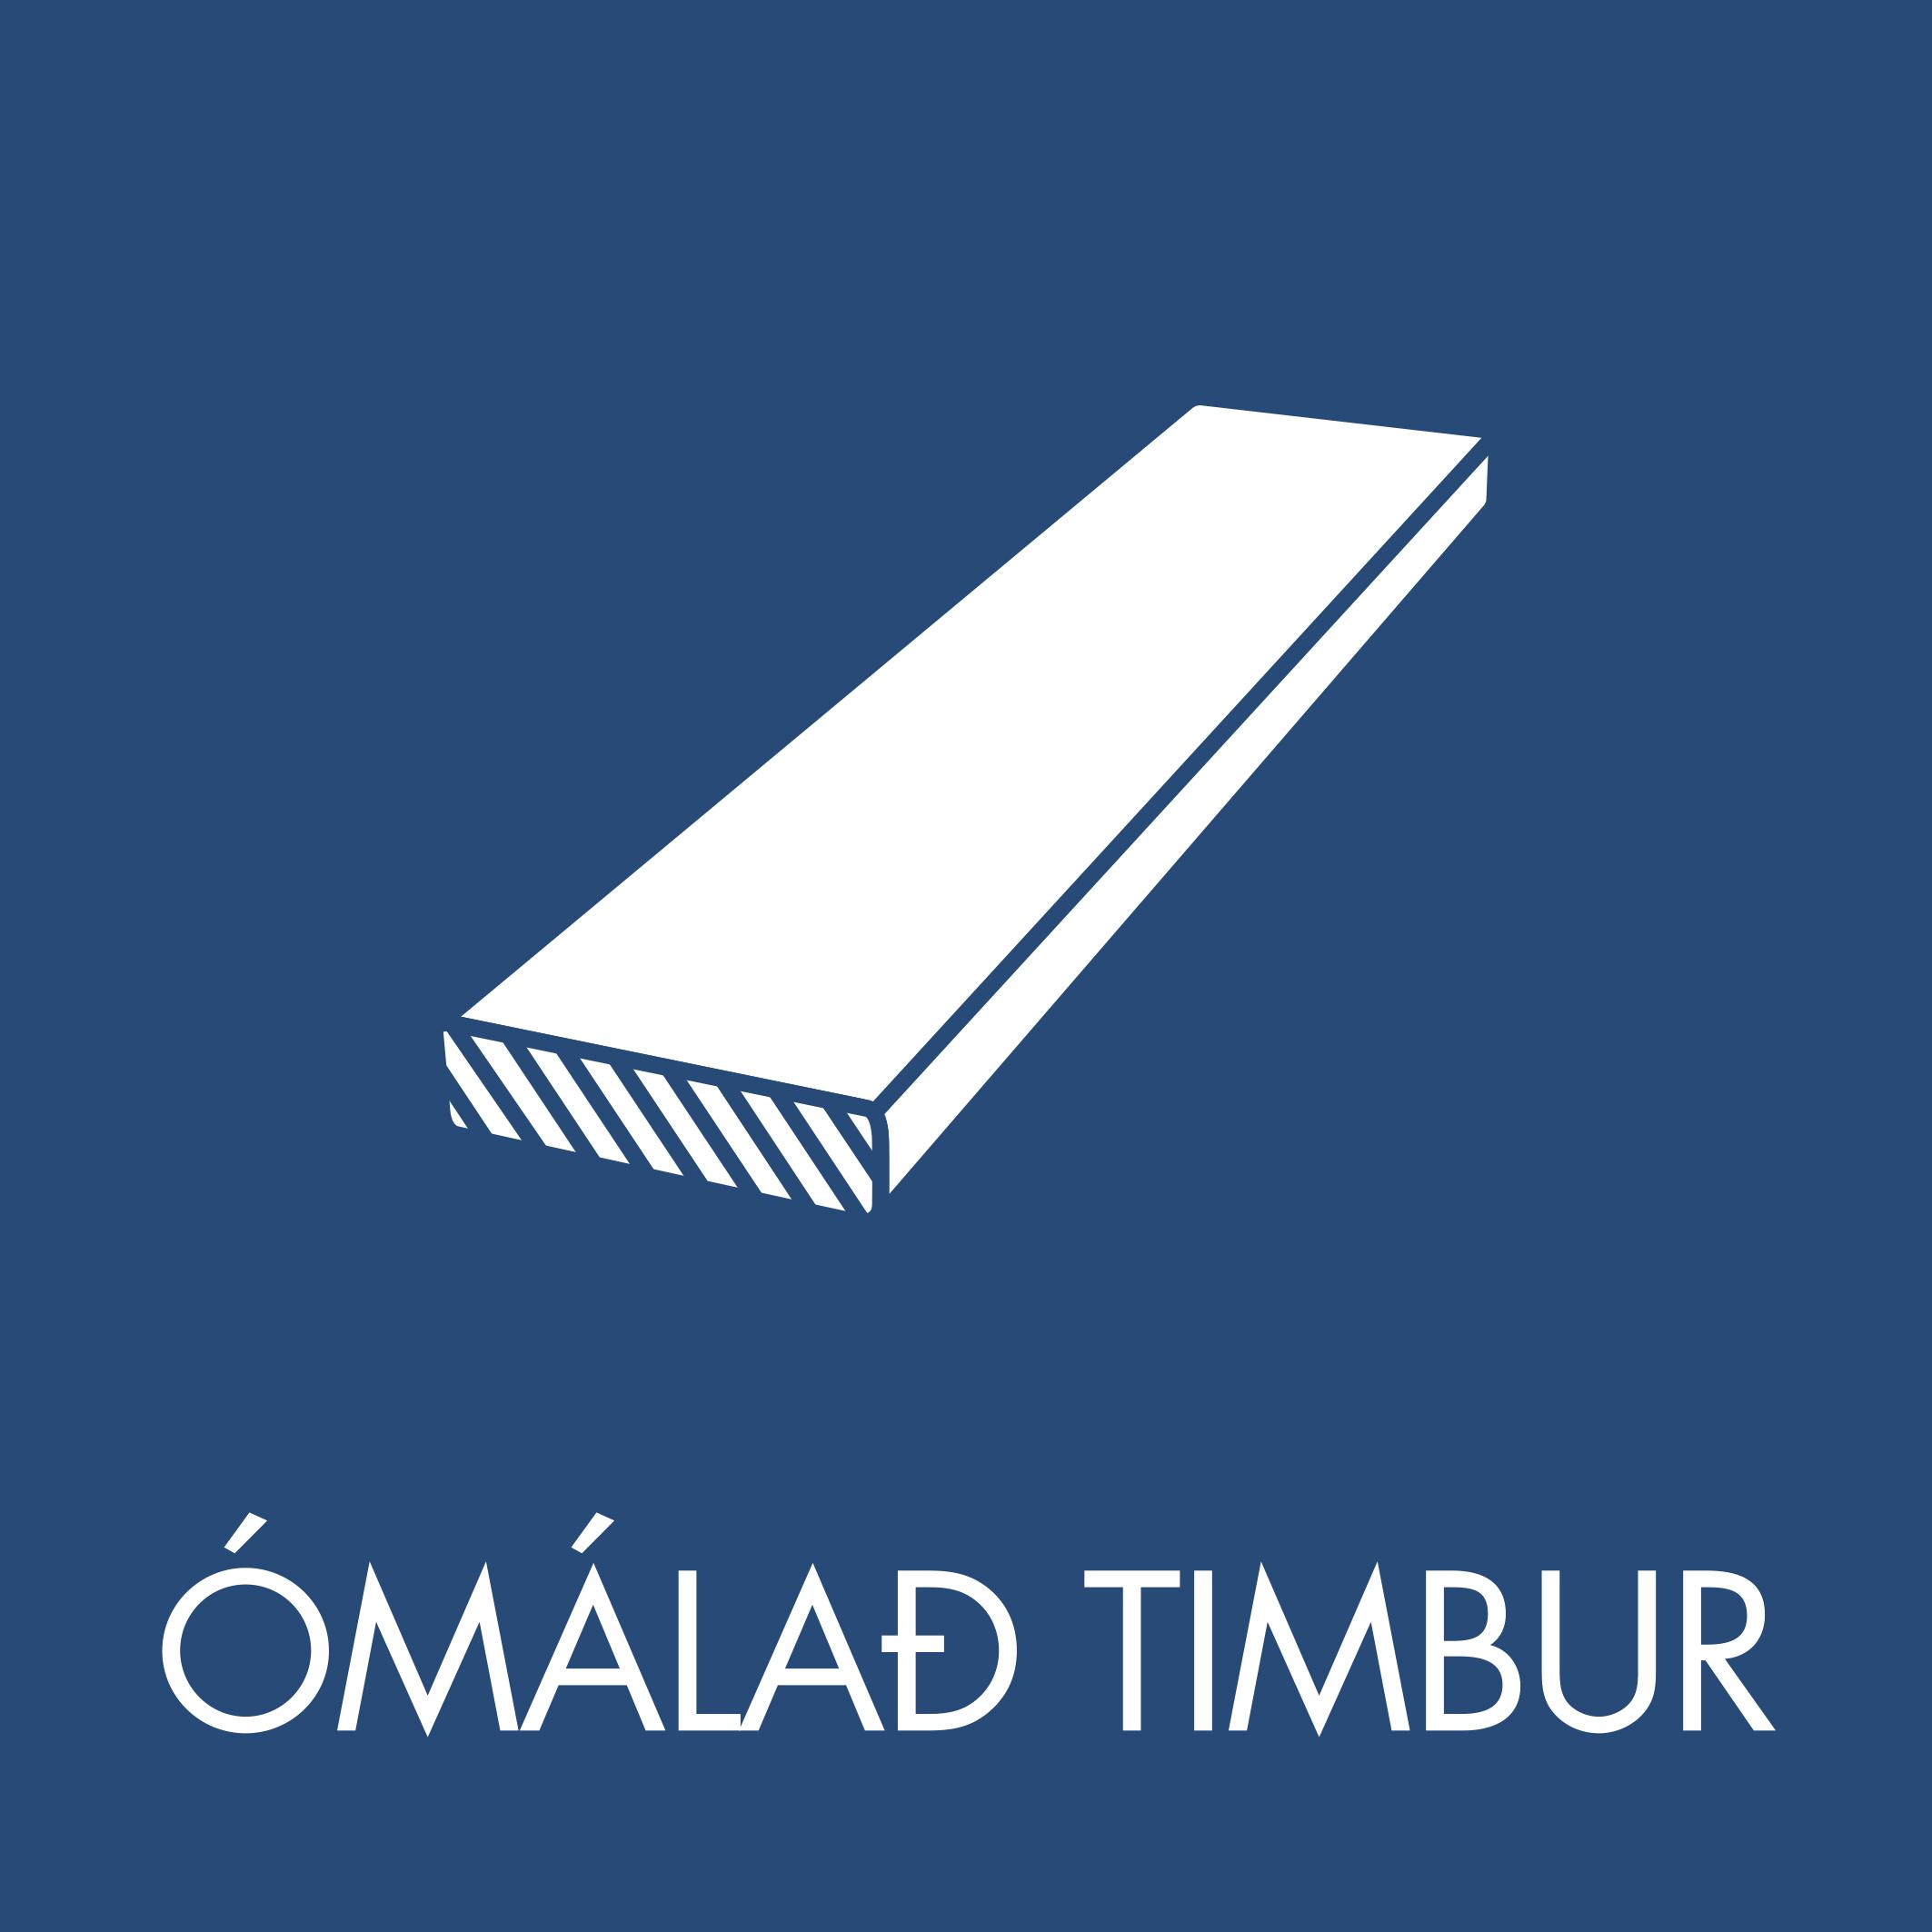 Ómálað timbur